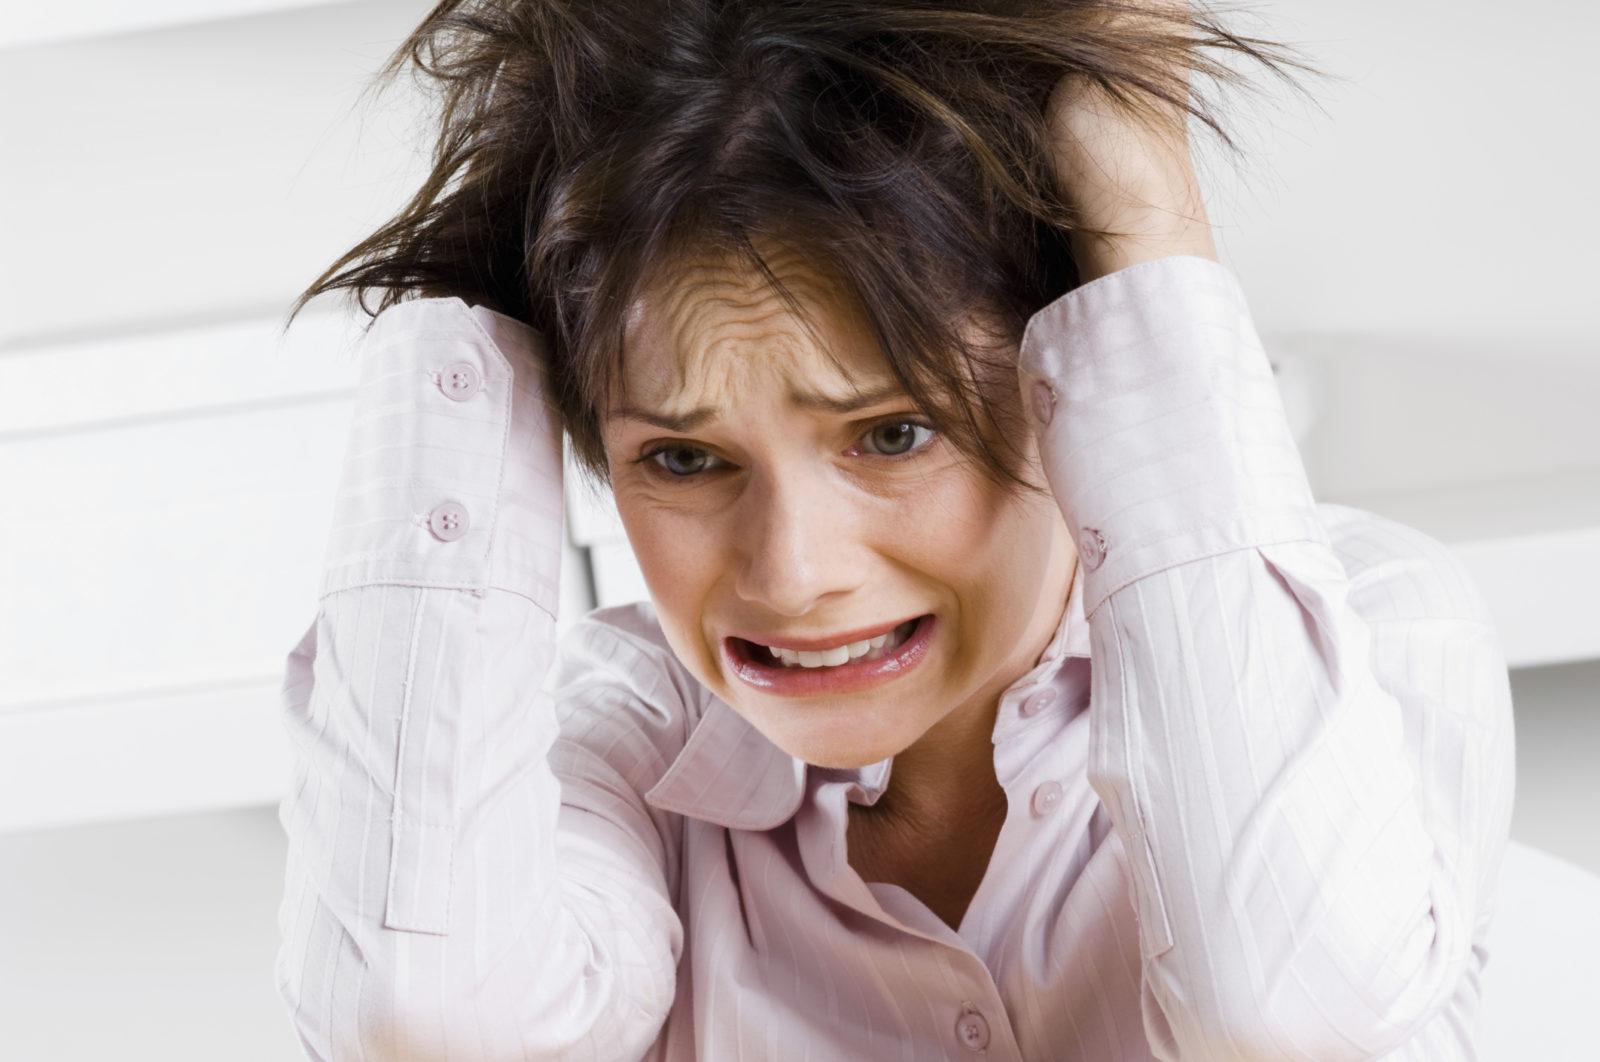 как стресс влияет на здоровье